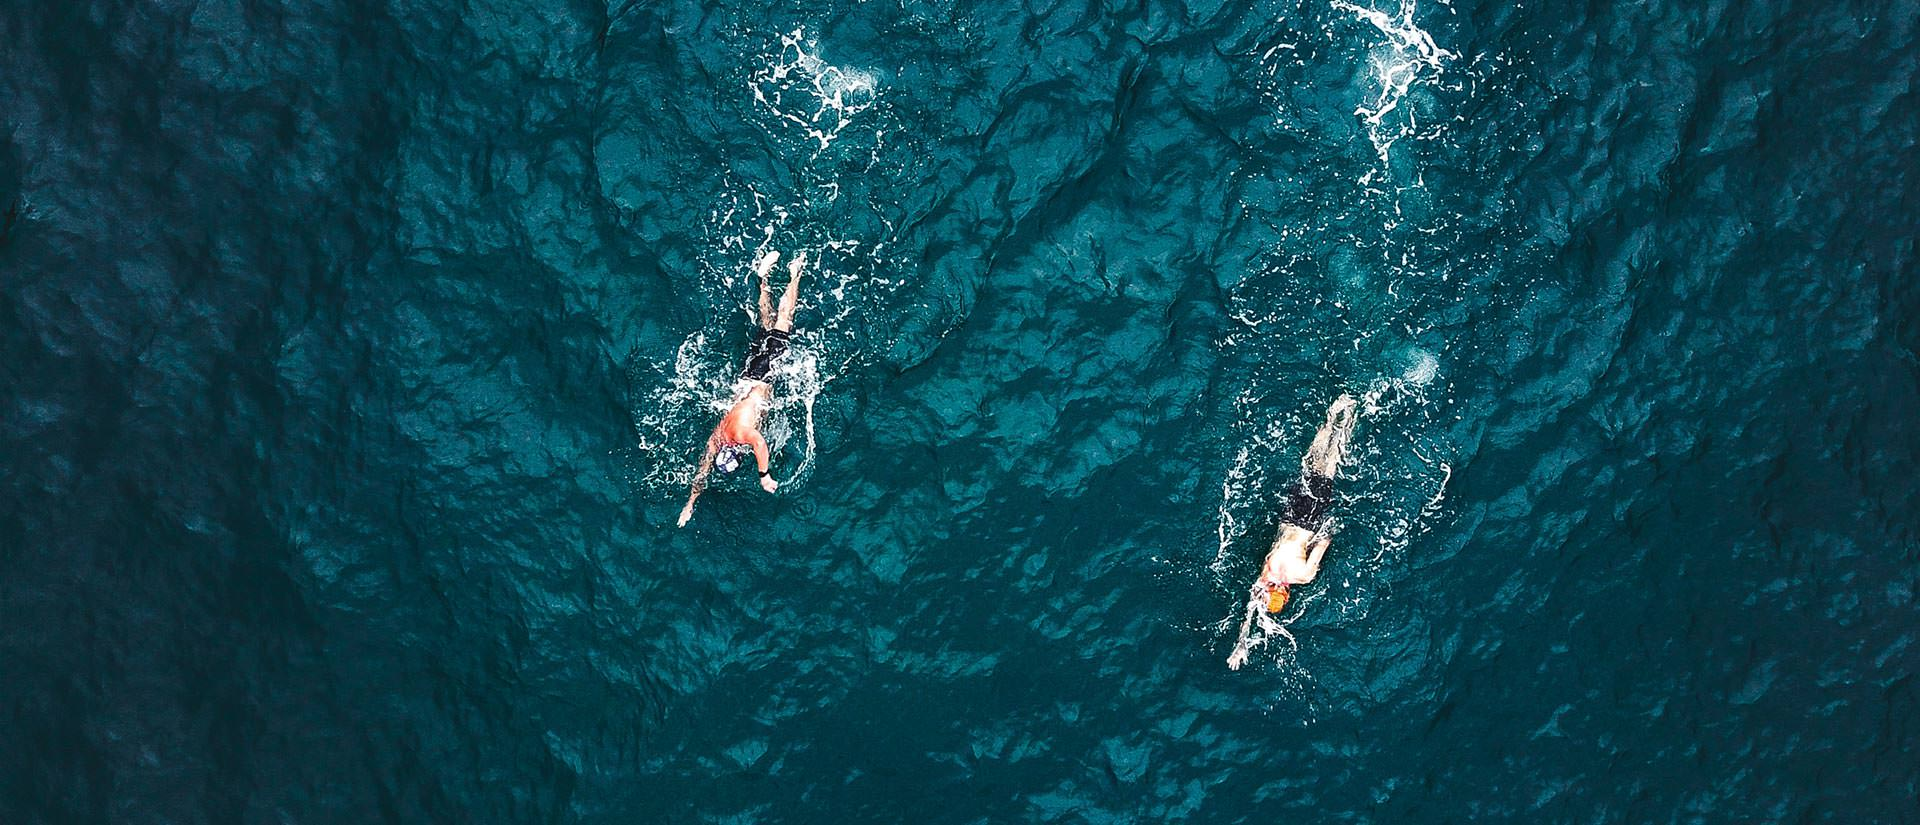 ספארי שחיה וצלילה בסיני - 4 ימים - בליווי מאמנת שחיה ומדריכי צלילה